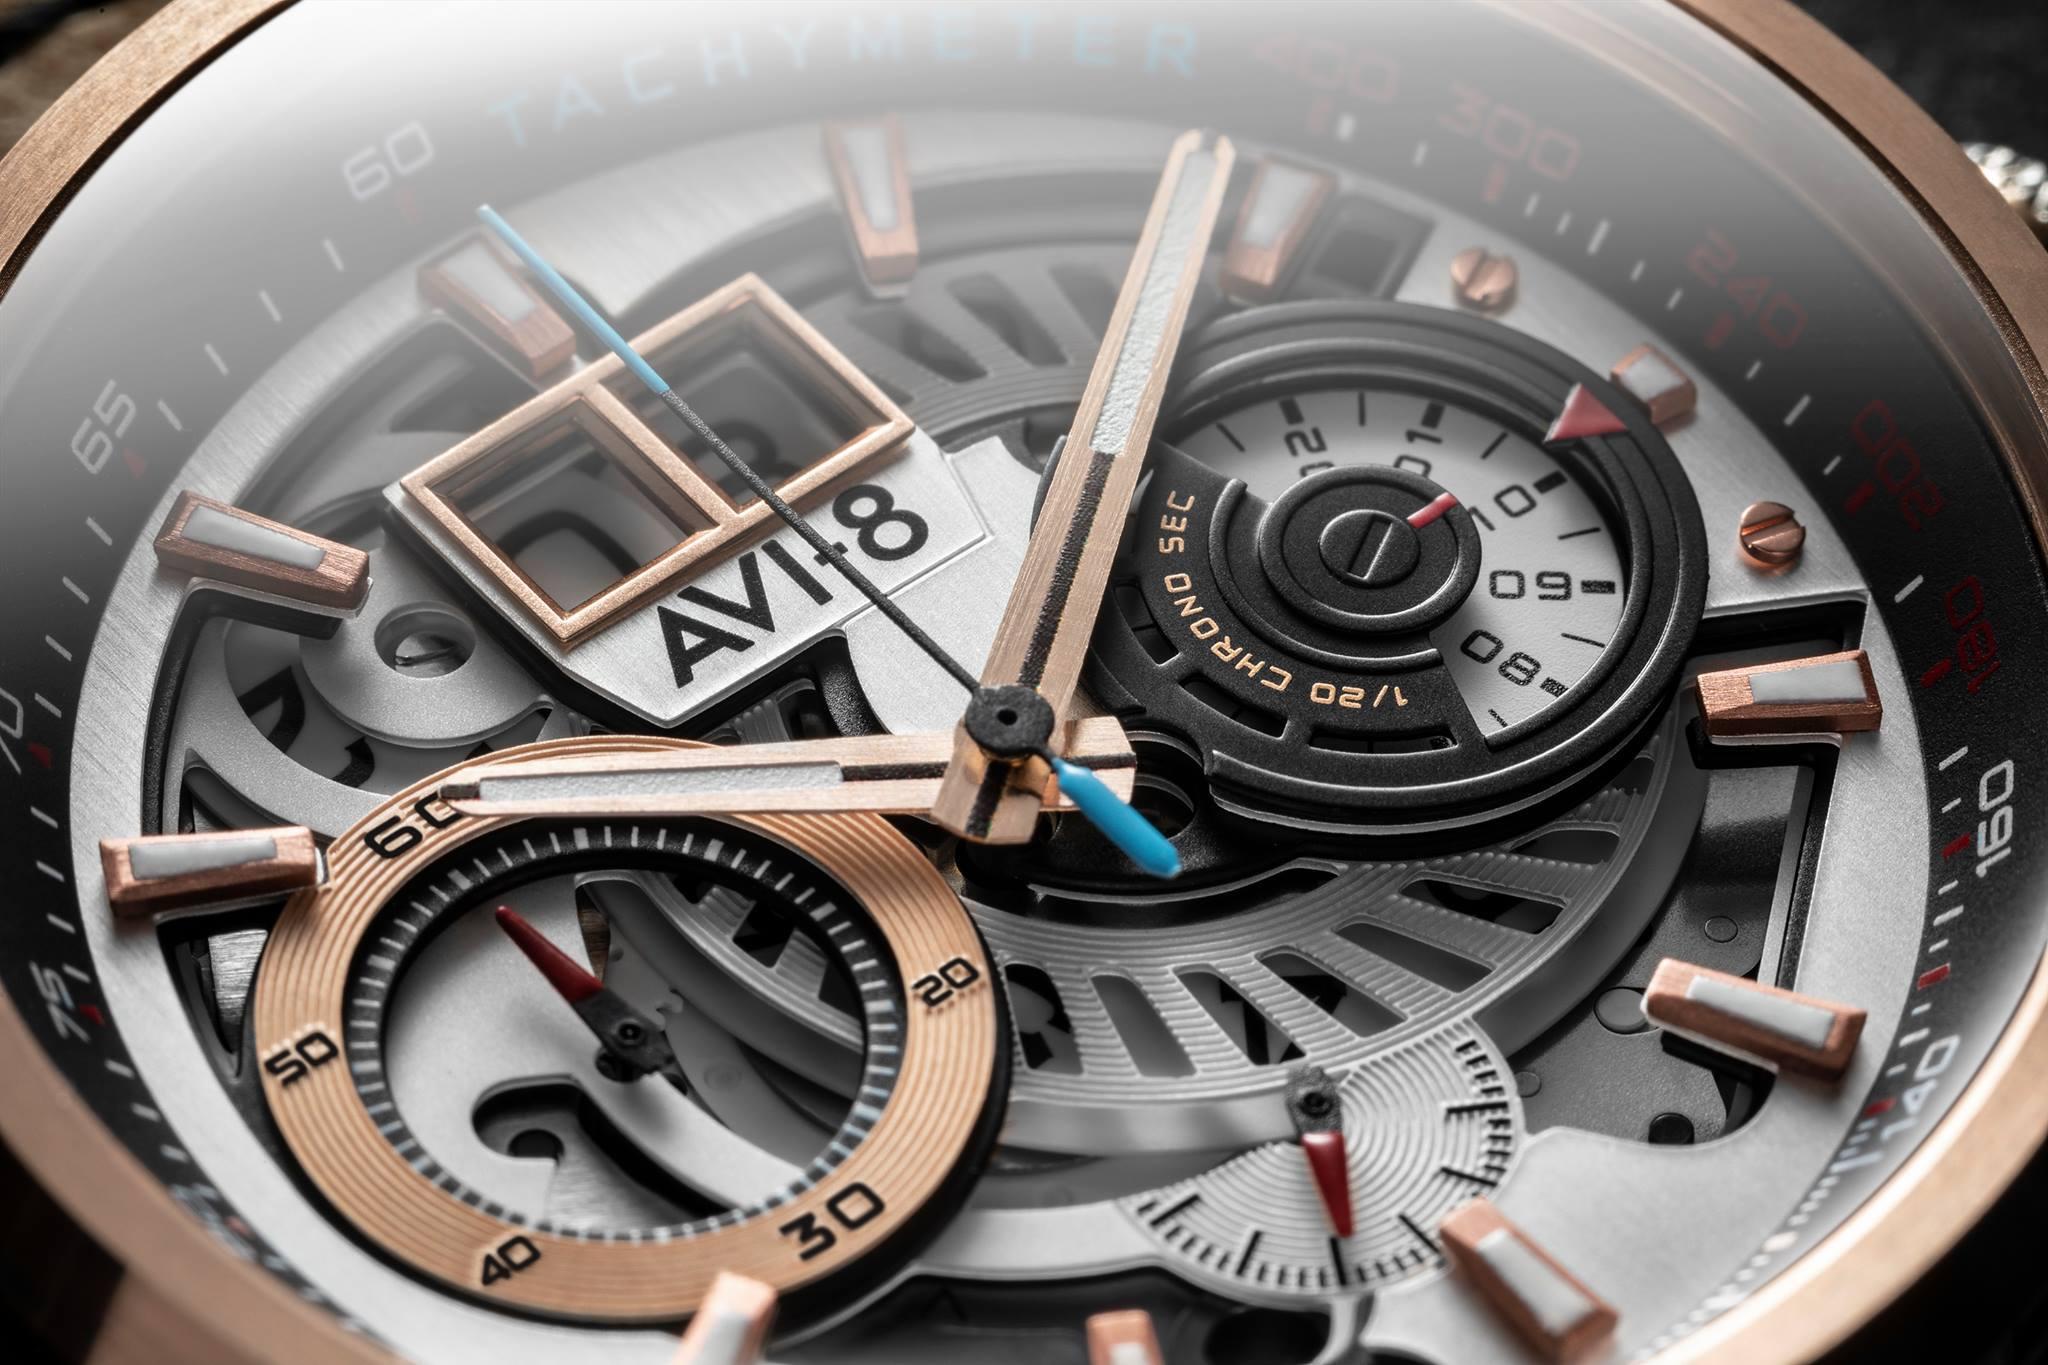 Zegarek męski AVI-8 hawker harrier ii AV-4065-02 - duże 1